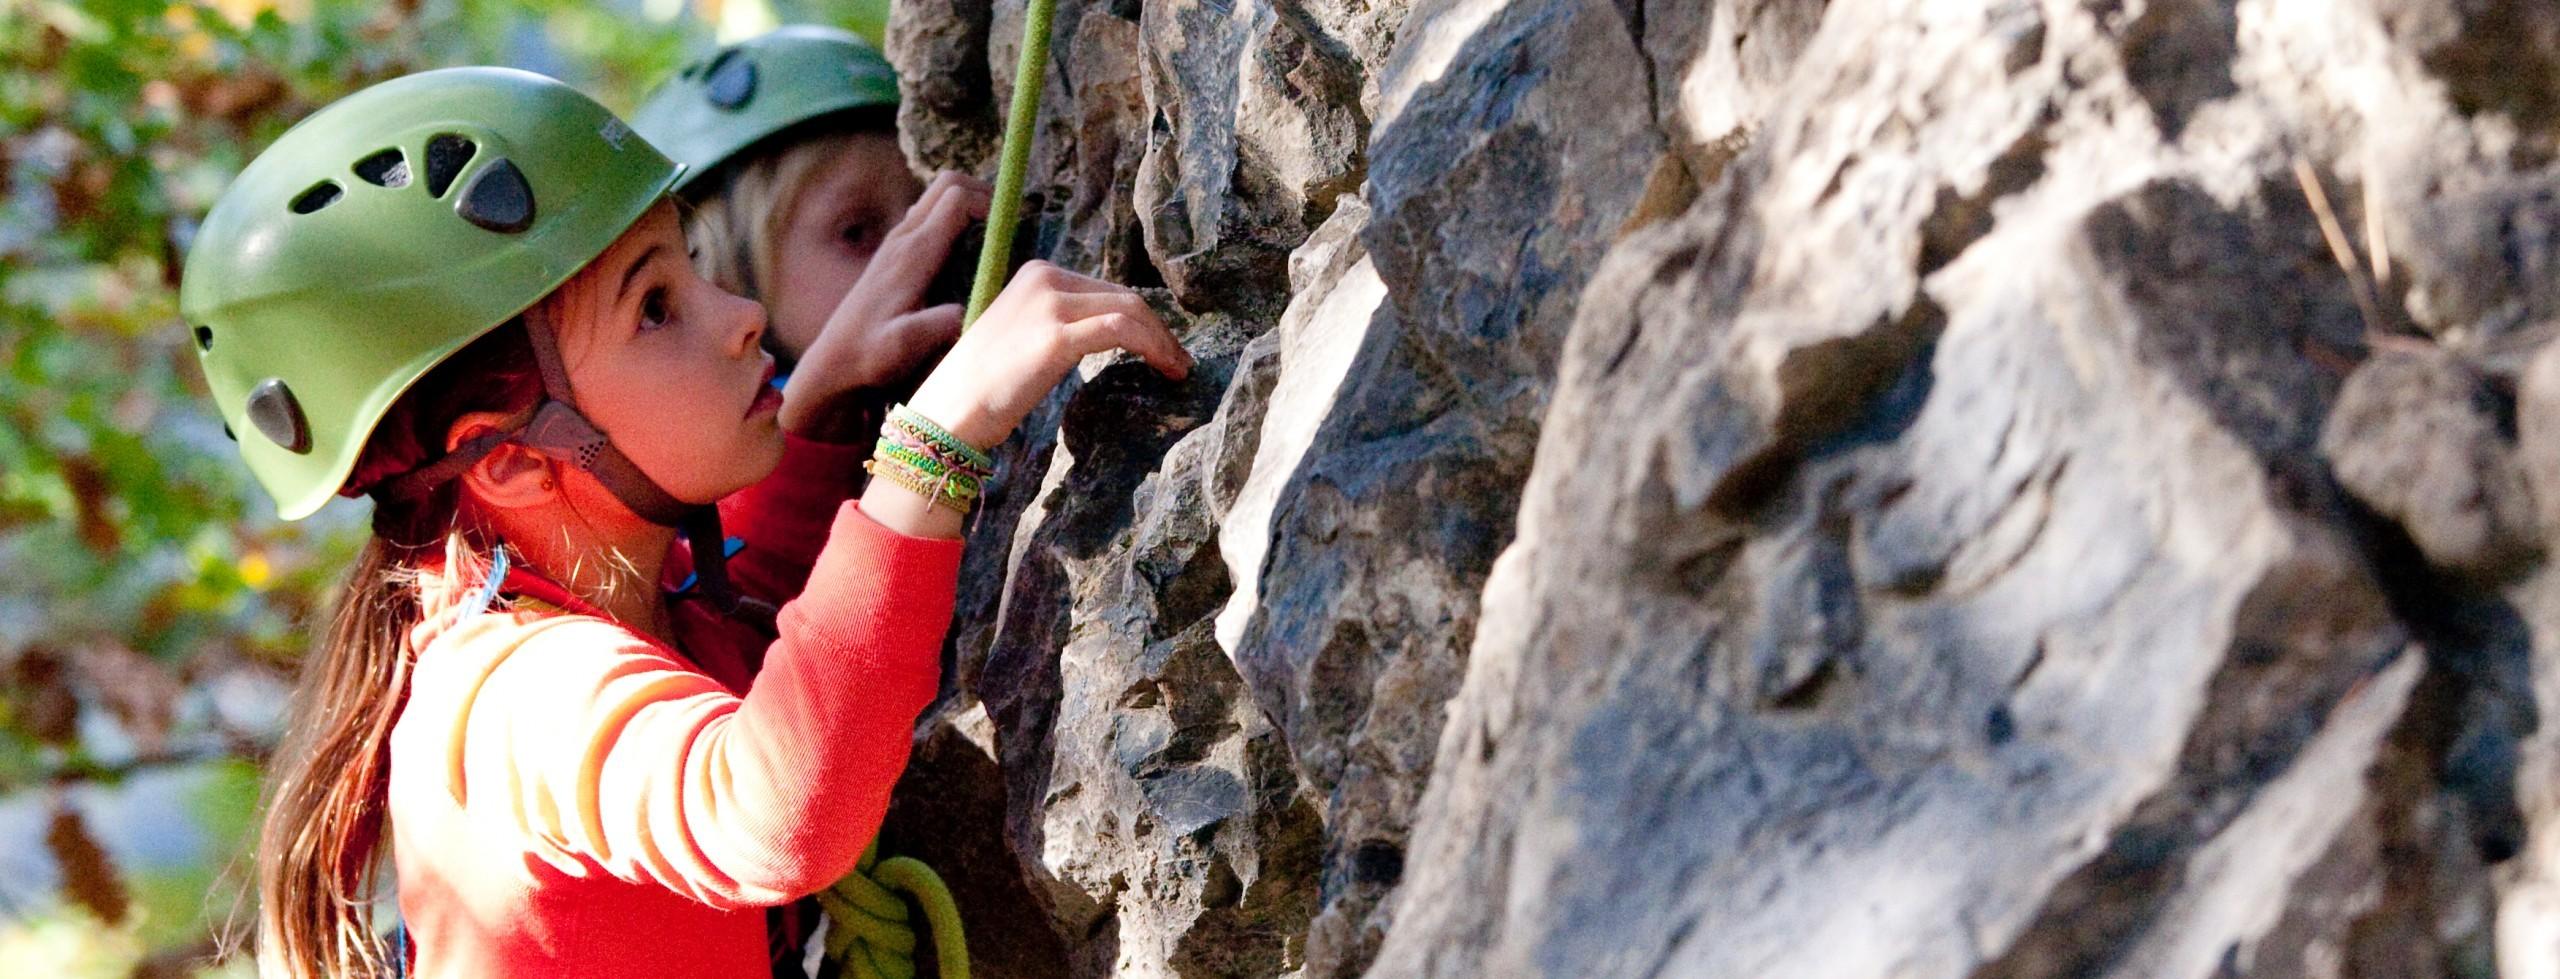 Séance d'escalade avec des enfants dans les Hautes Alpes à l'entrée du massif du Queyras. Une initiation escalade assuré par un guide de montagne.